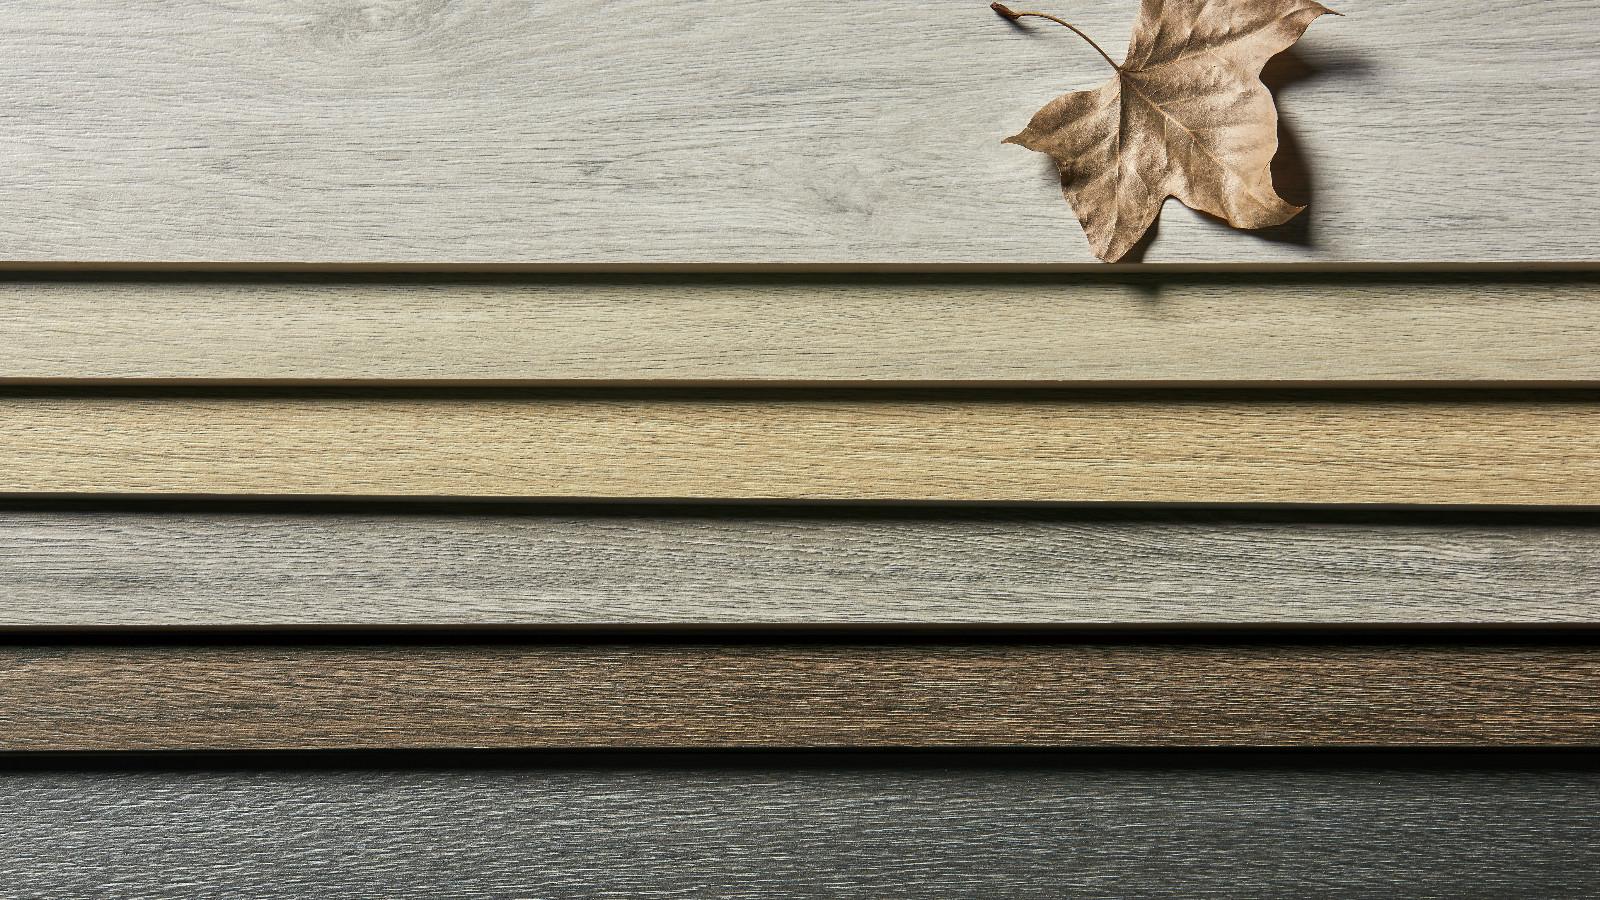 Efecto de madera baldosa que parecen tablones de madera sobre madera